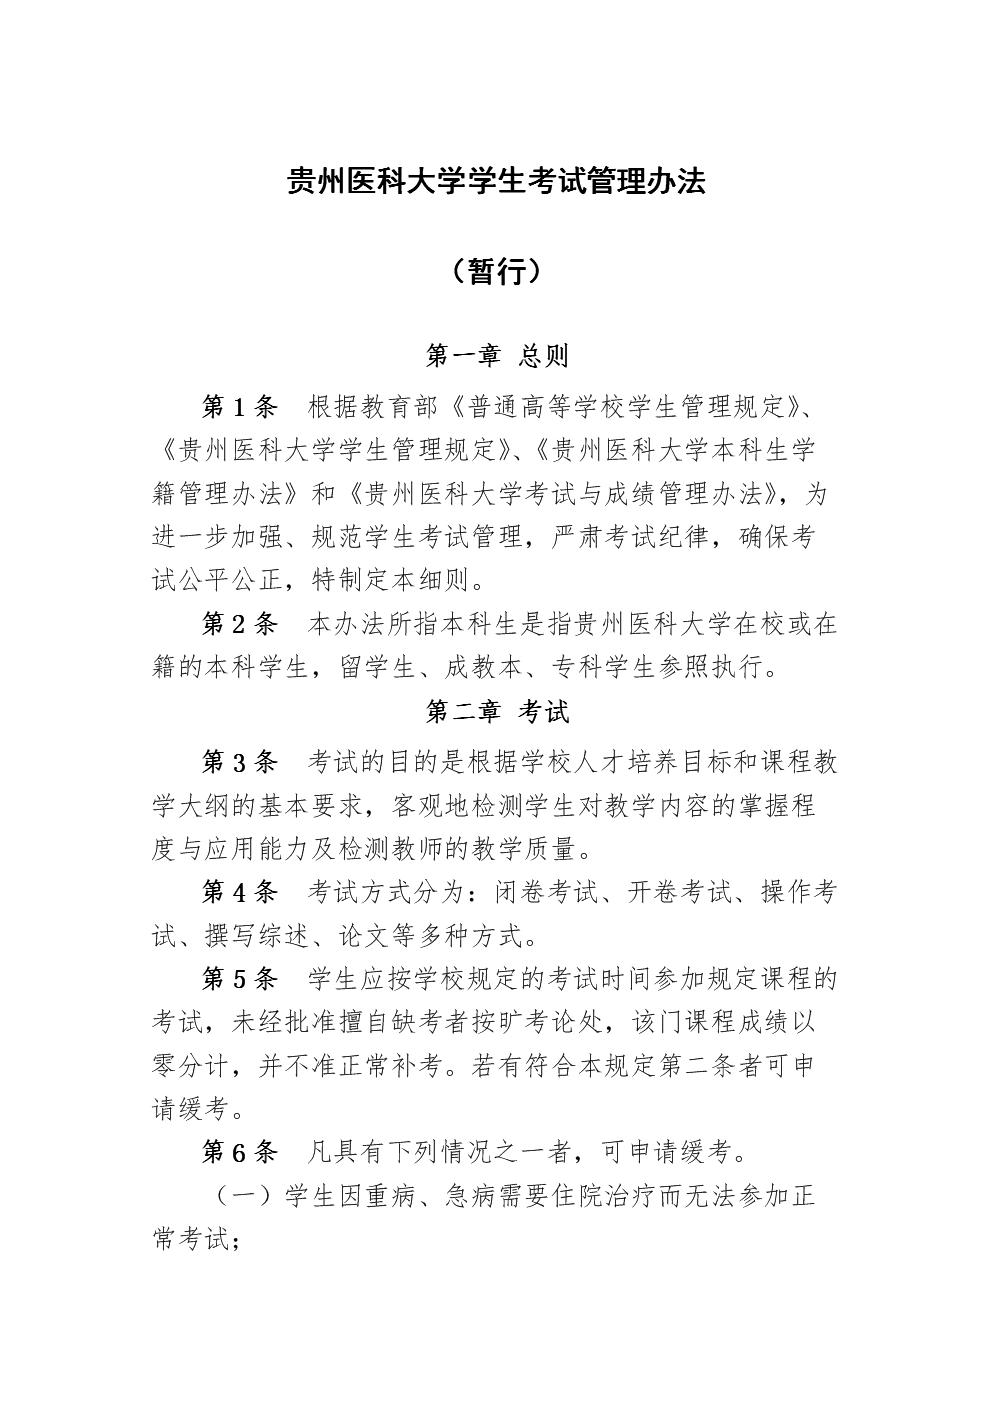 附件3:贵州医科大学学生考试管理办法.doc